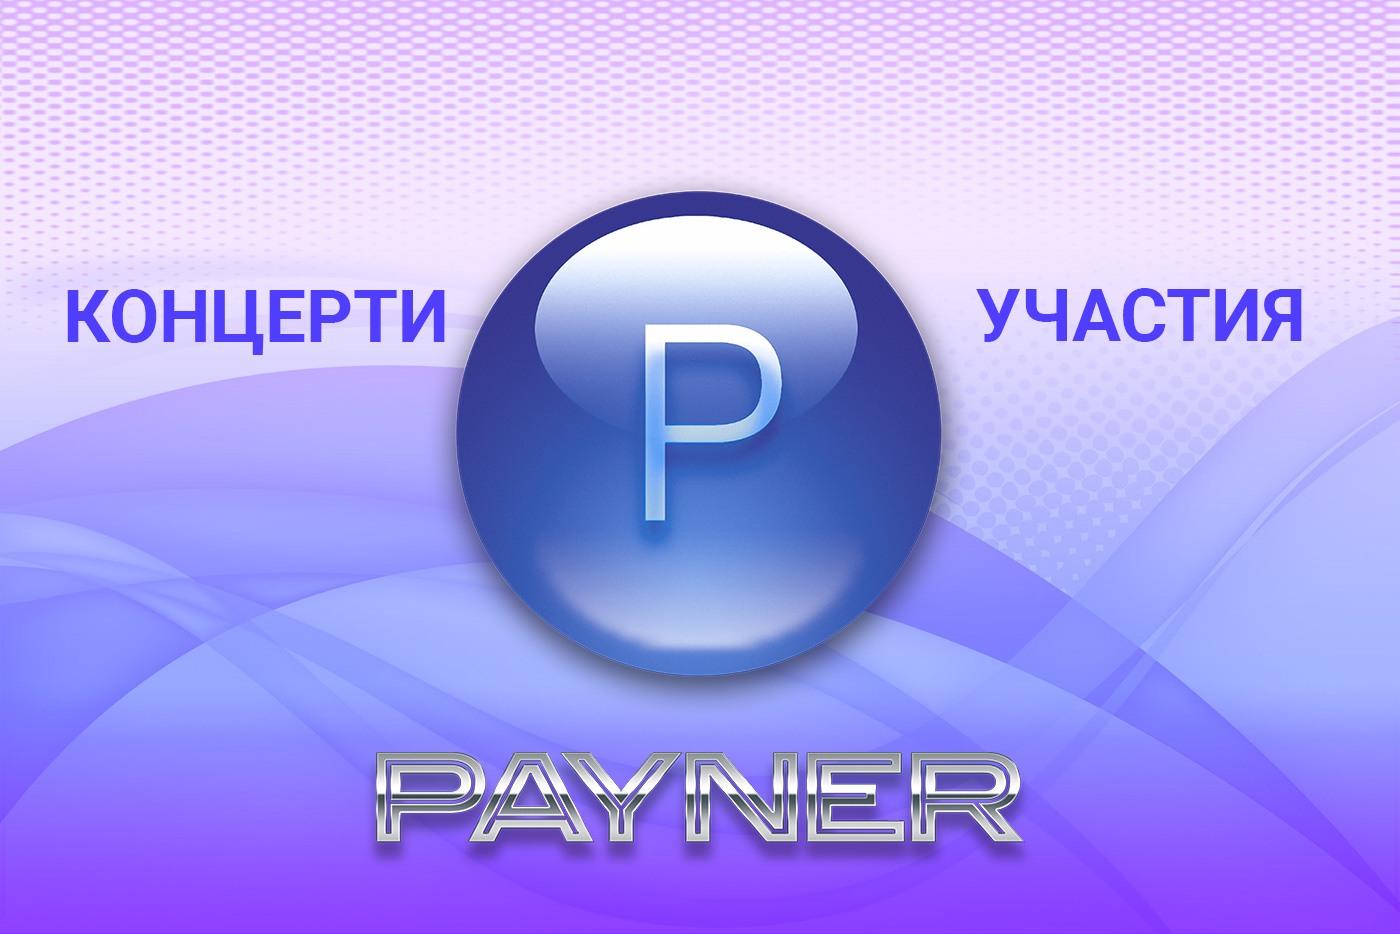 """Участия на звездите на """"Пайнер"""" на 17.10.2018"""